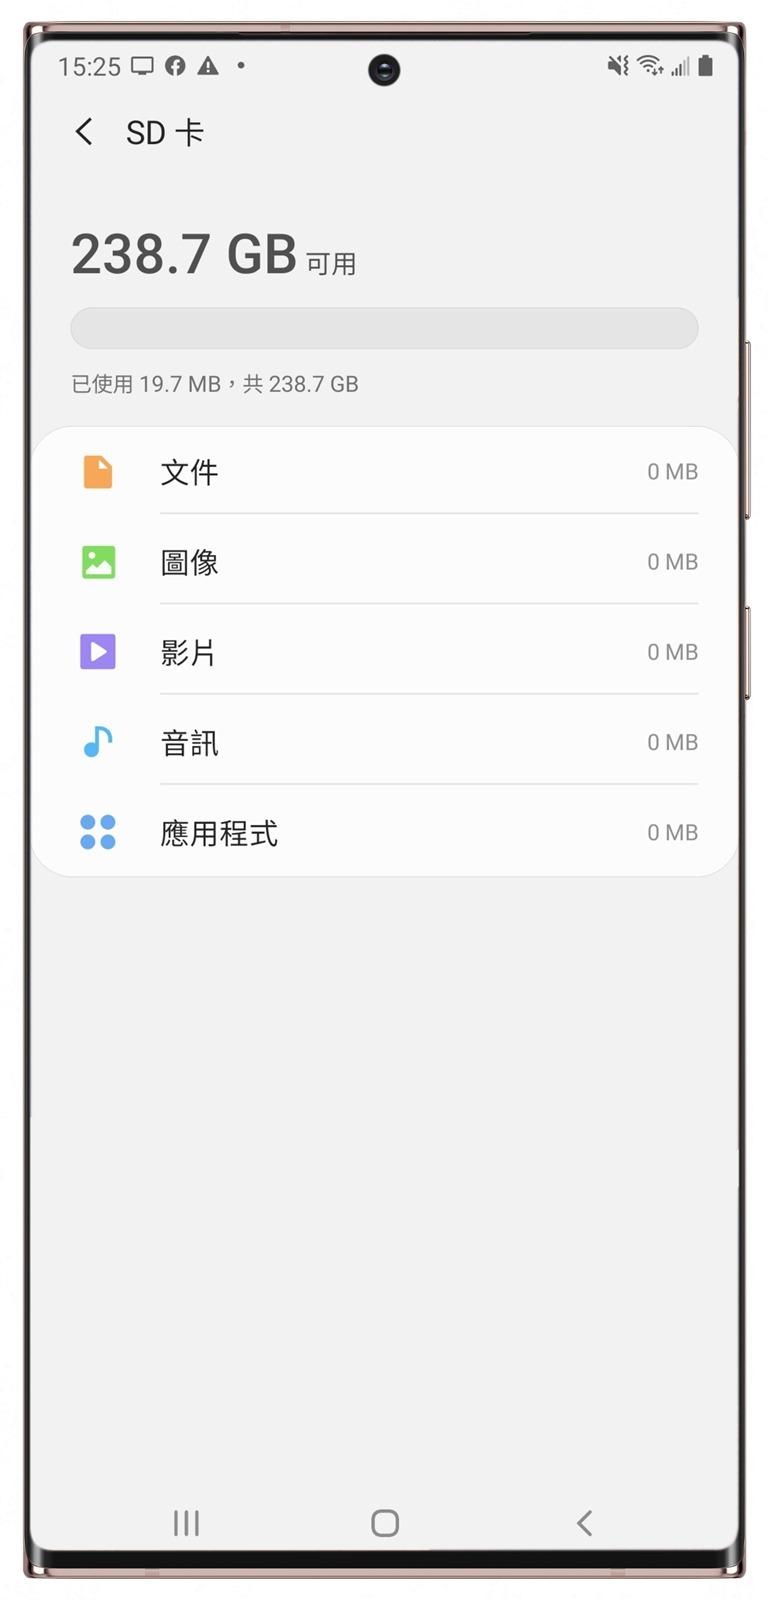 新包裝也試試看!(2020) 三星 256GB 高速 EVO Plus UHS-1 C10 U3 記憶卡實測 @3C 達人廖阿輝